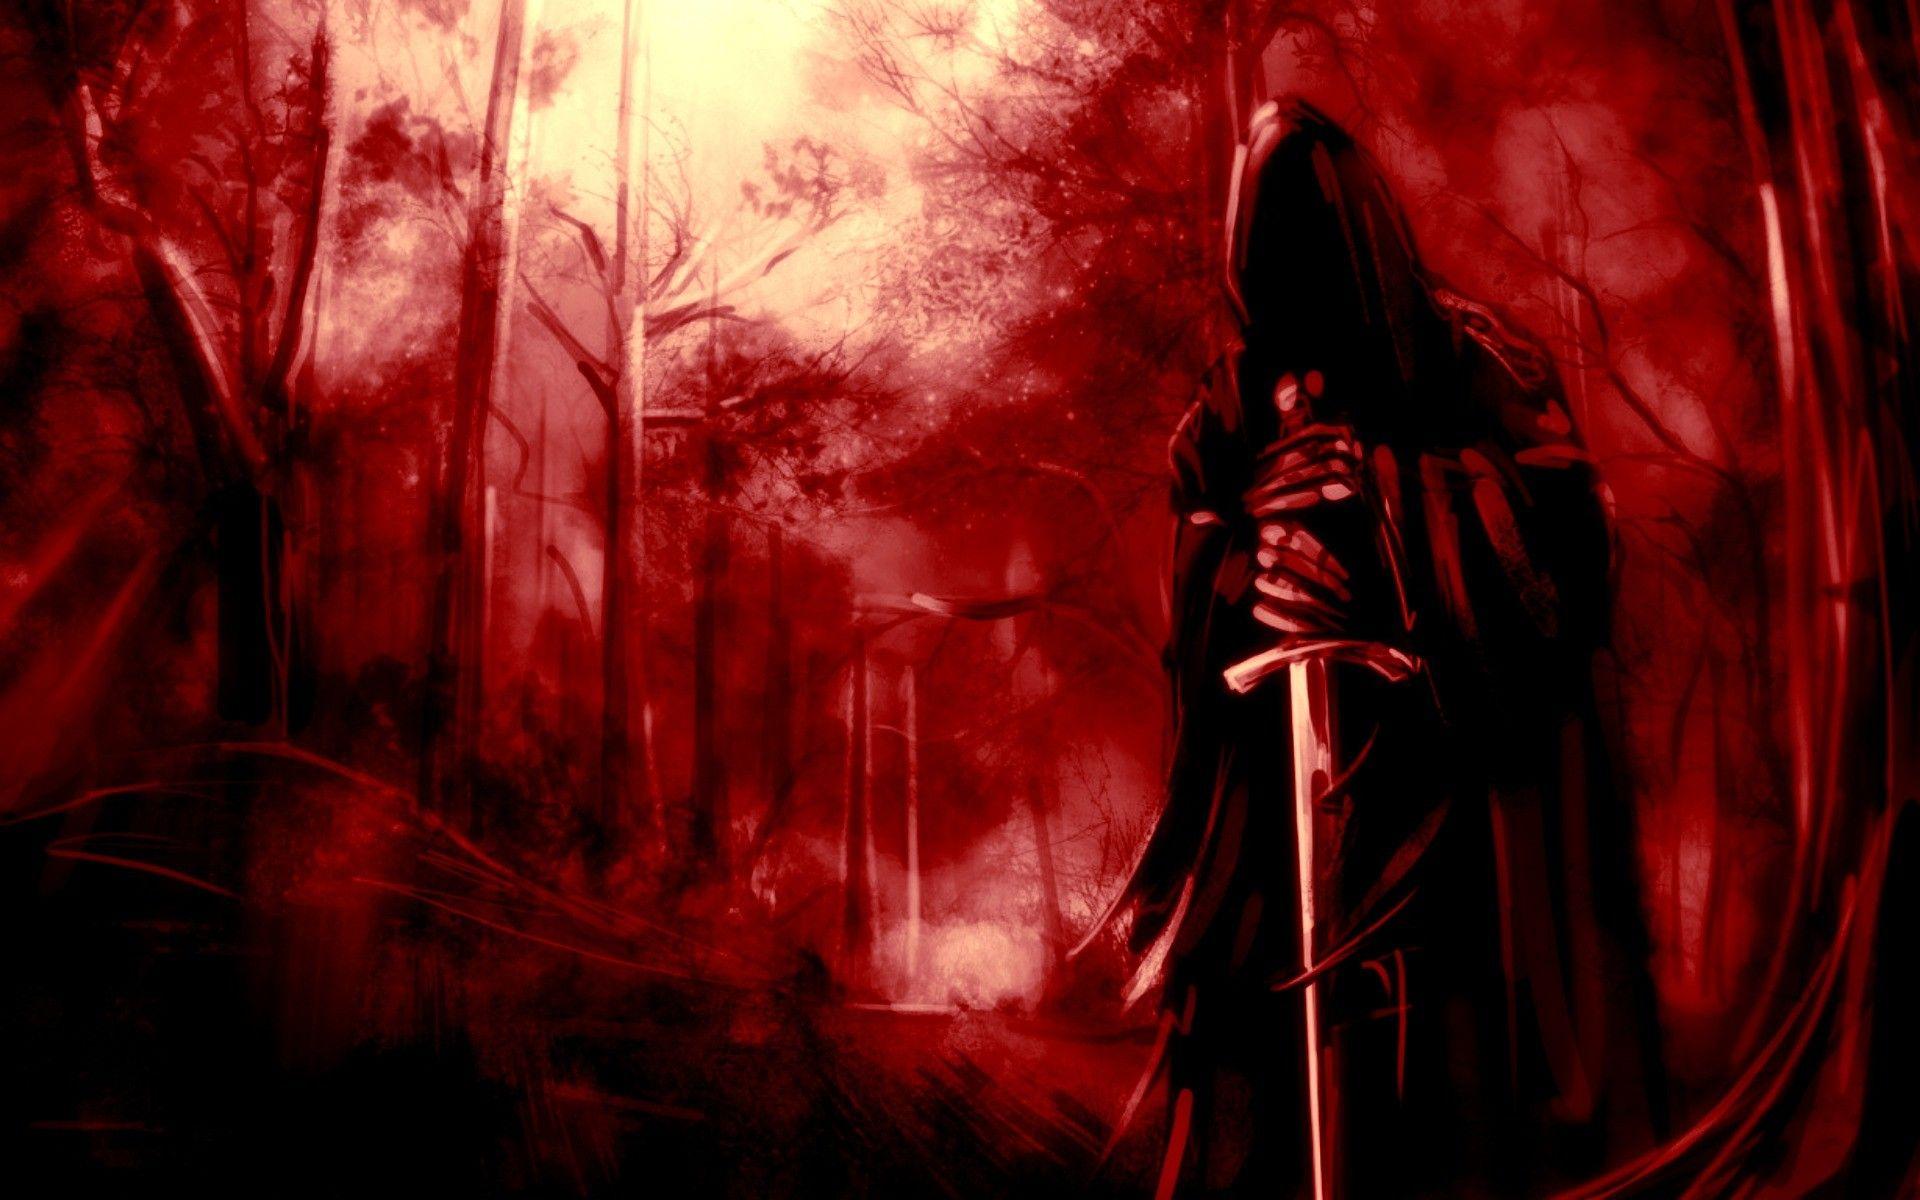 Pin By Milla Lehtonen On Grim Reaper Grim Reaper Pictures Grim Reaper Picture On Wood